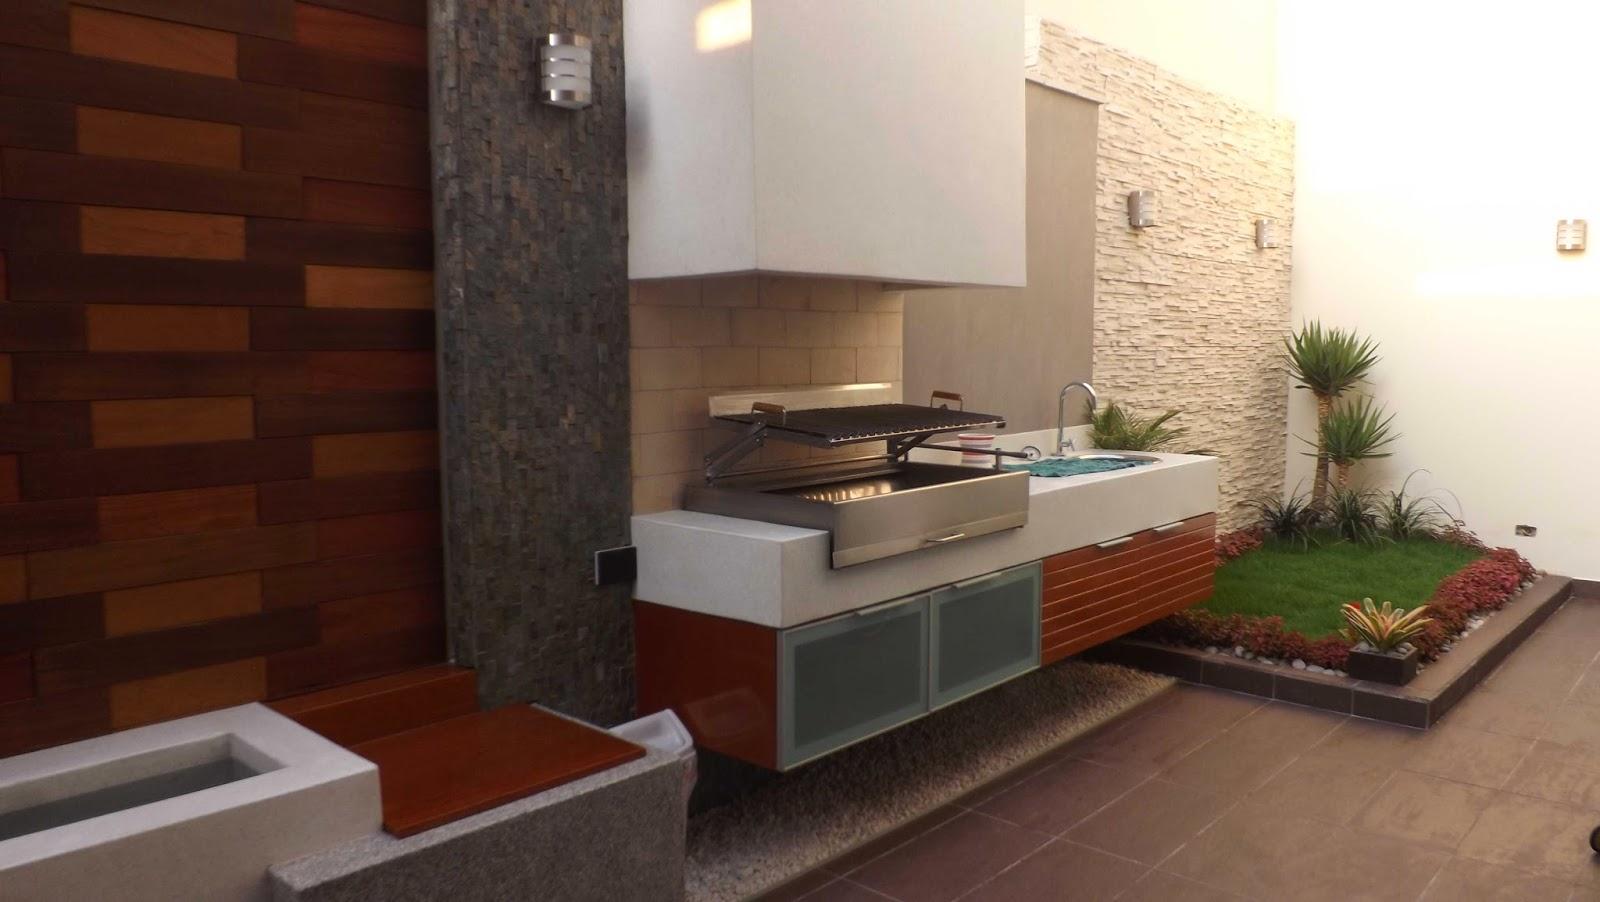 Oniria dise o y ejecuci n de parrillas en terrazas for Parrillas para casas modernas